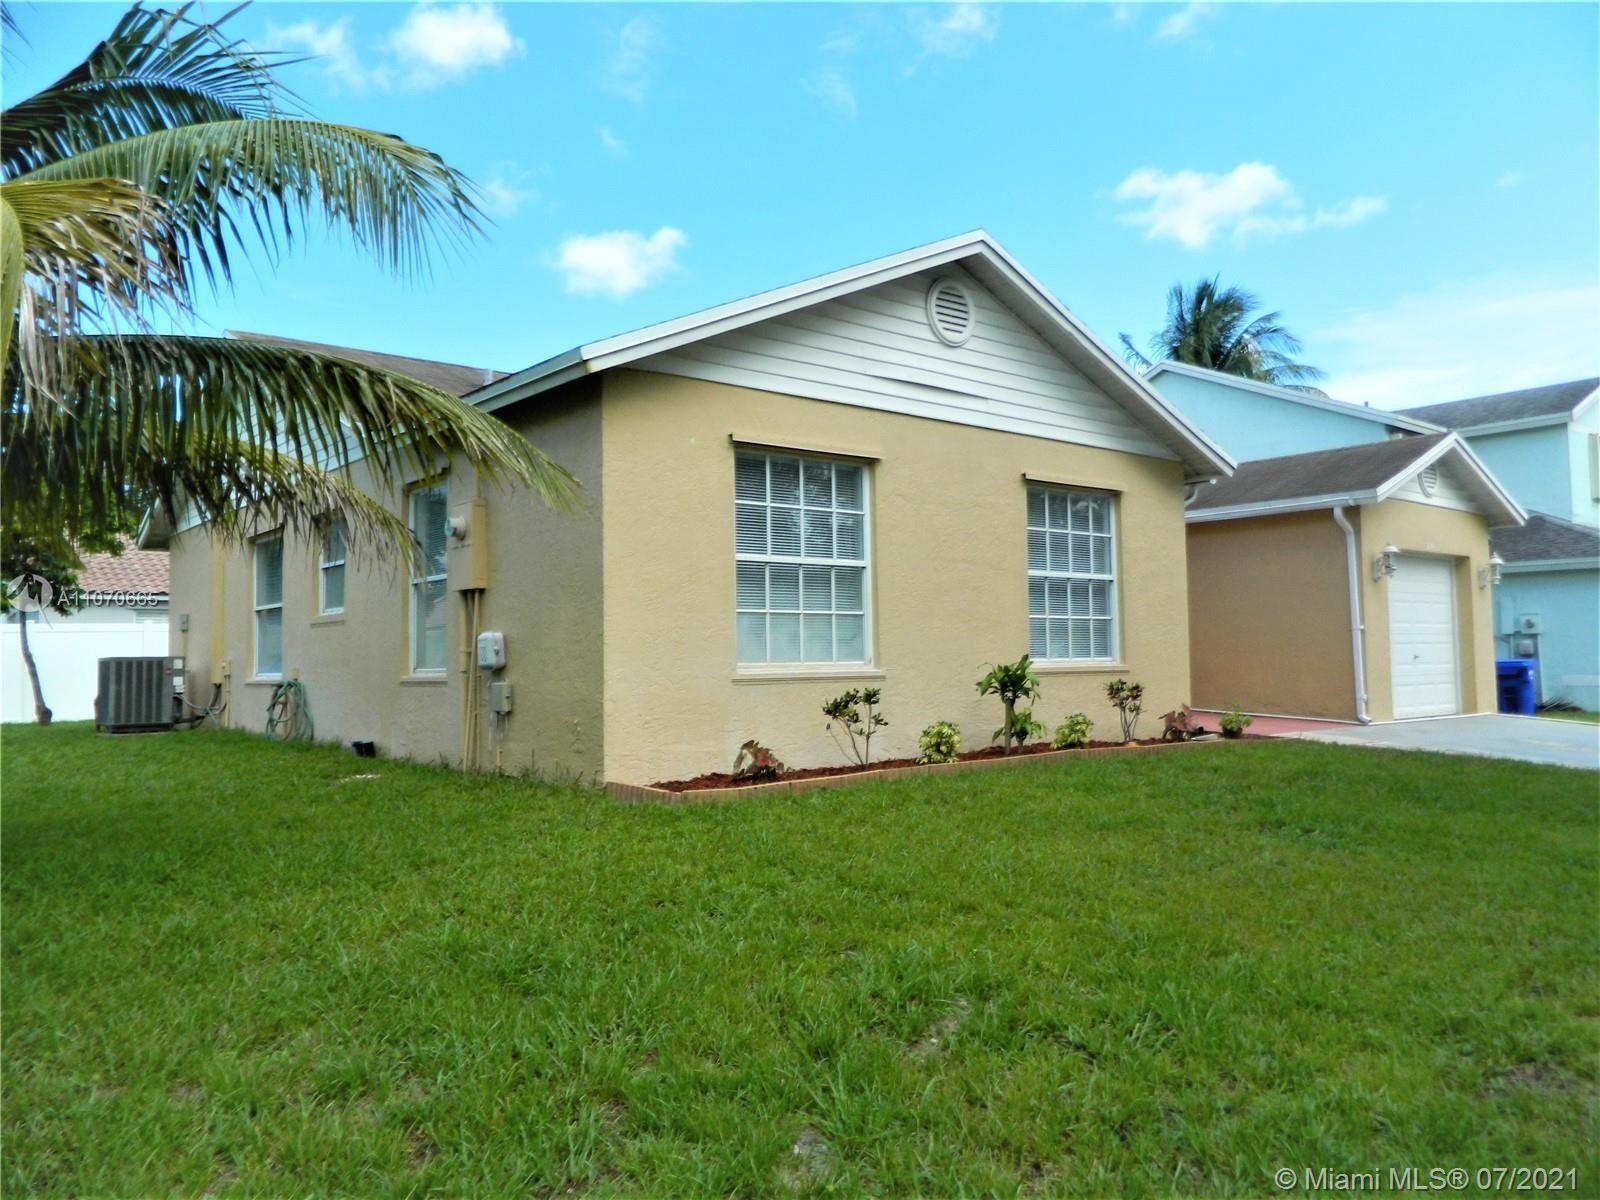 921 SW 88th Way, Pembroke Pines, FL 33025 - #: A11070665